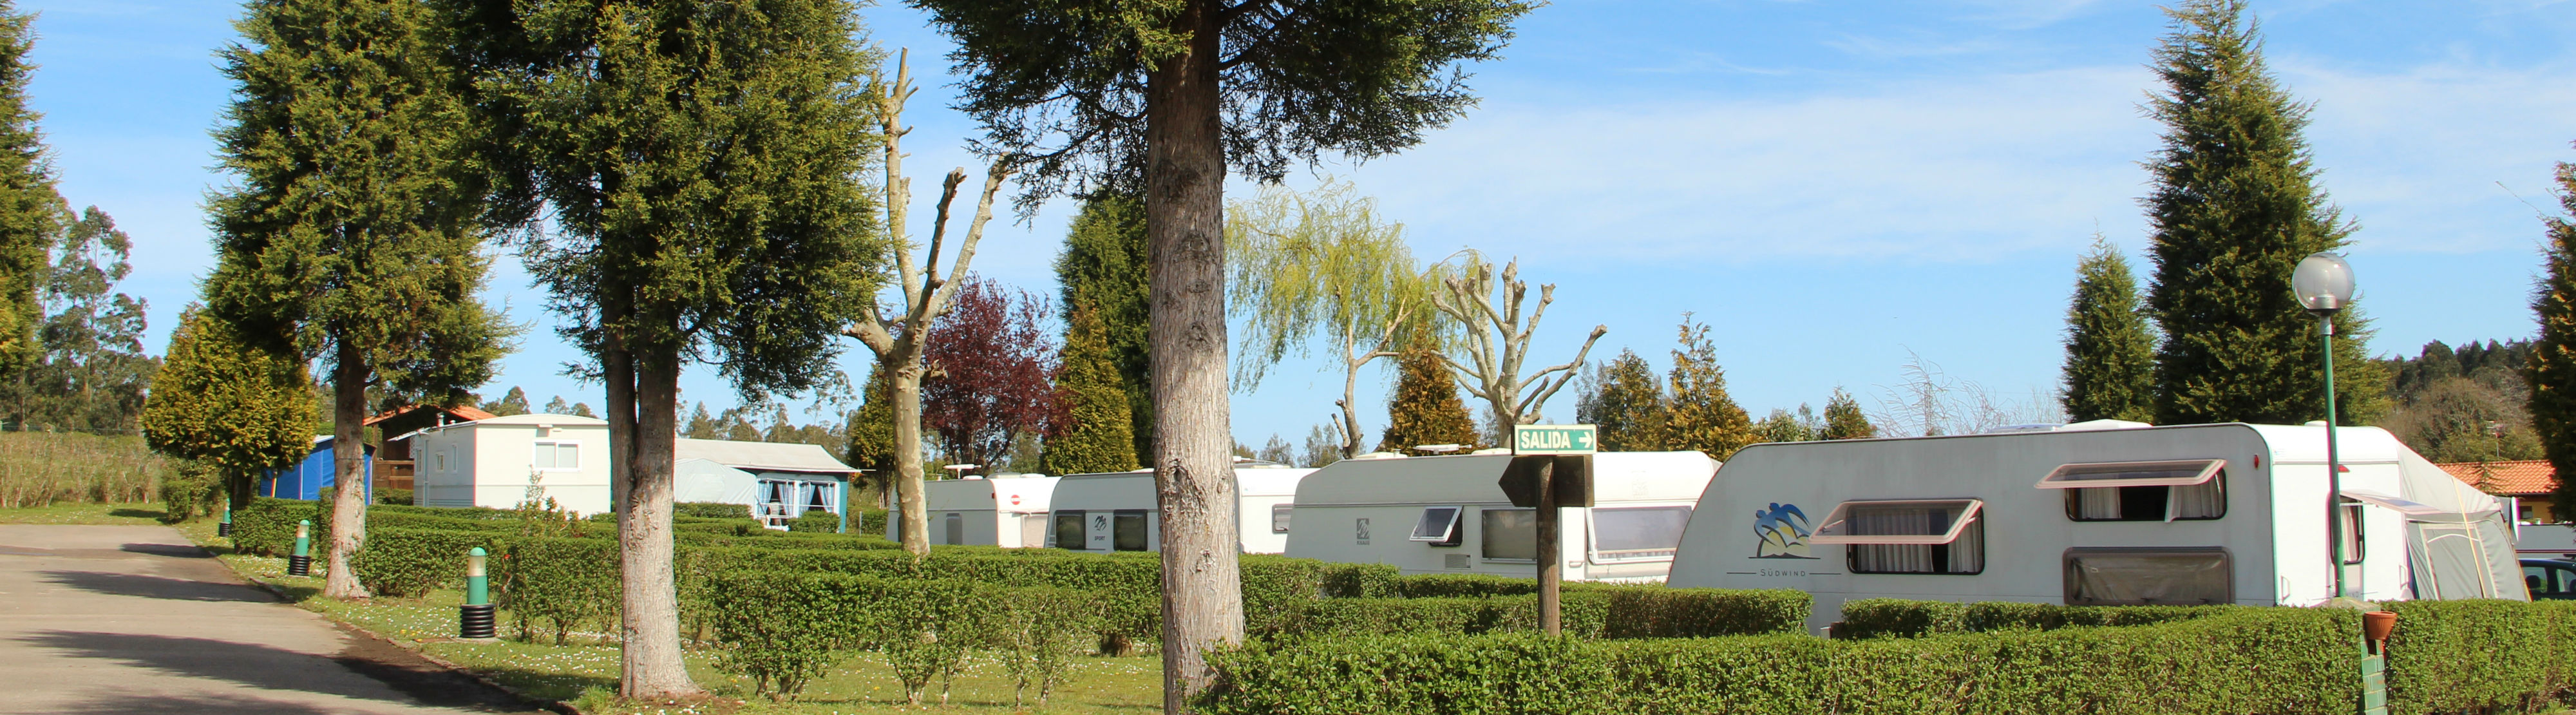 Caravanas en Camping Villaviciosa